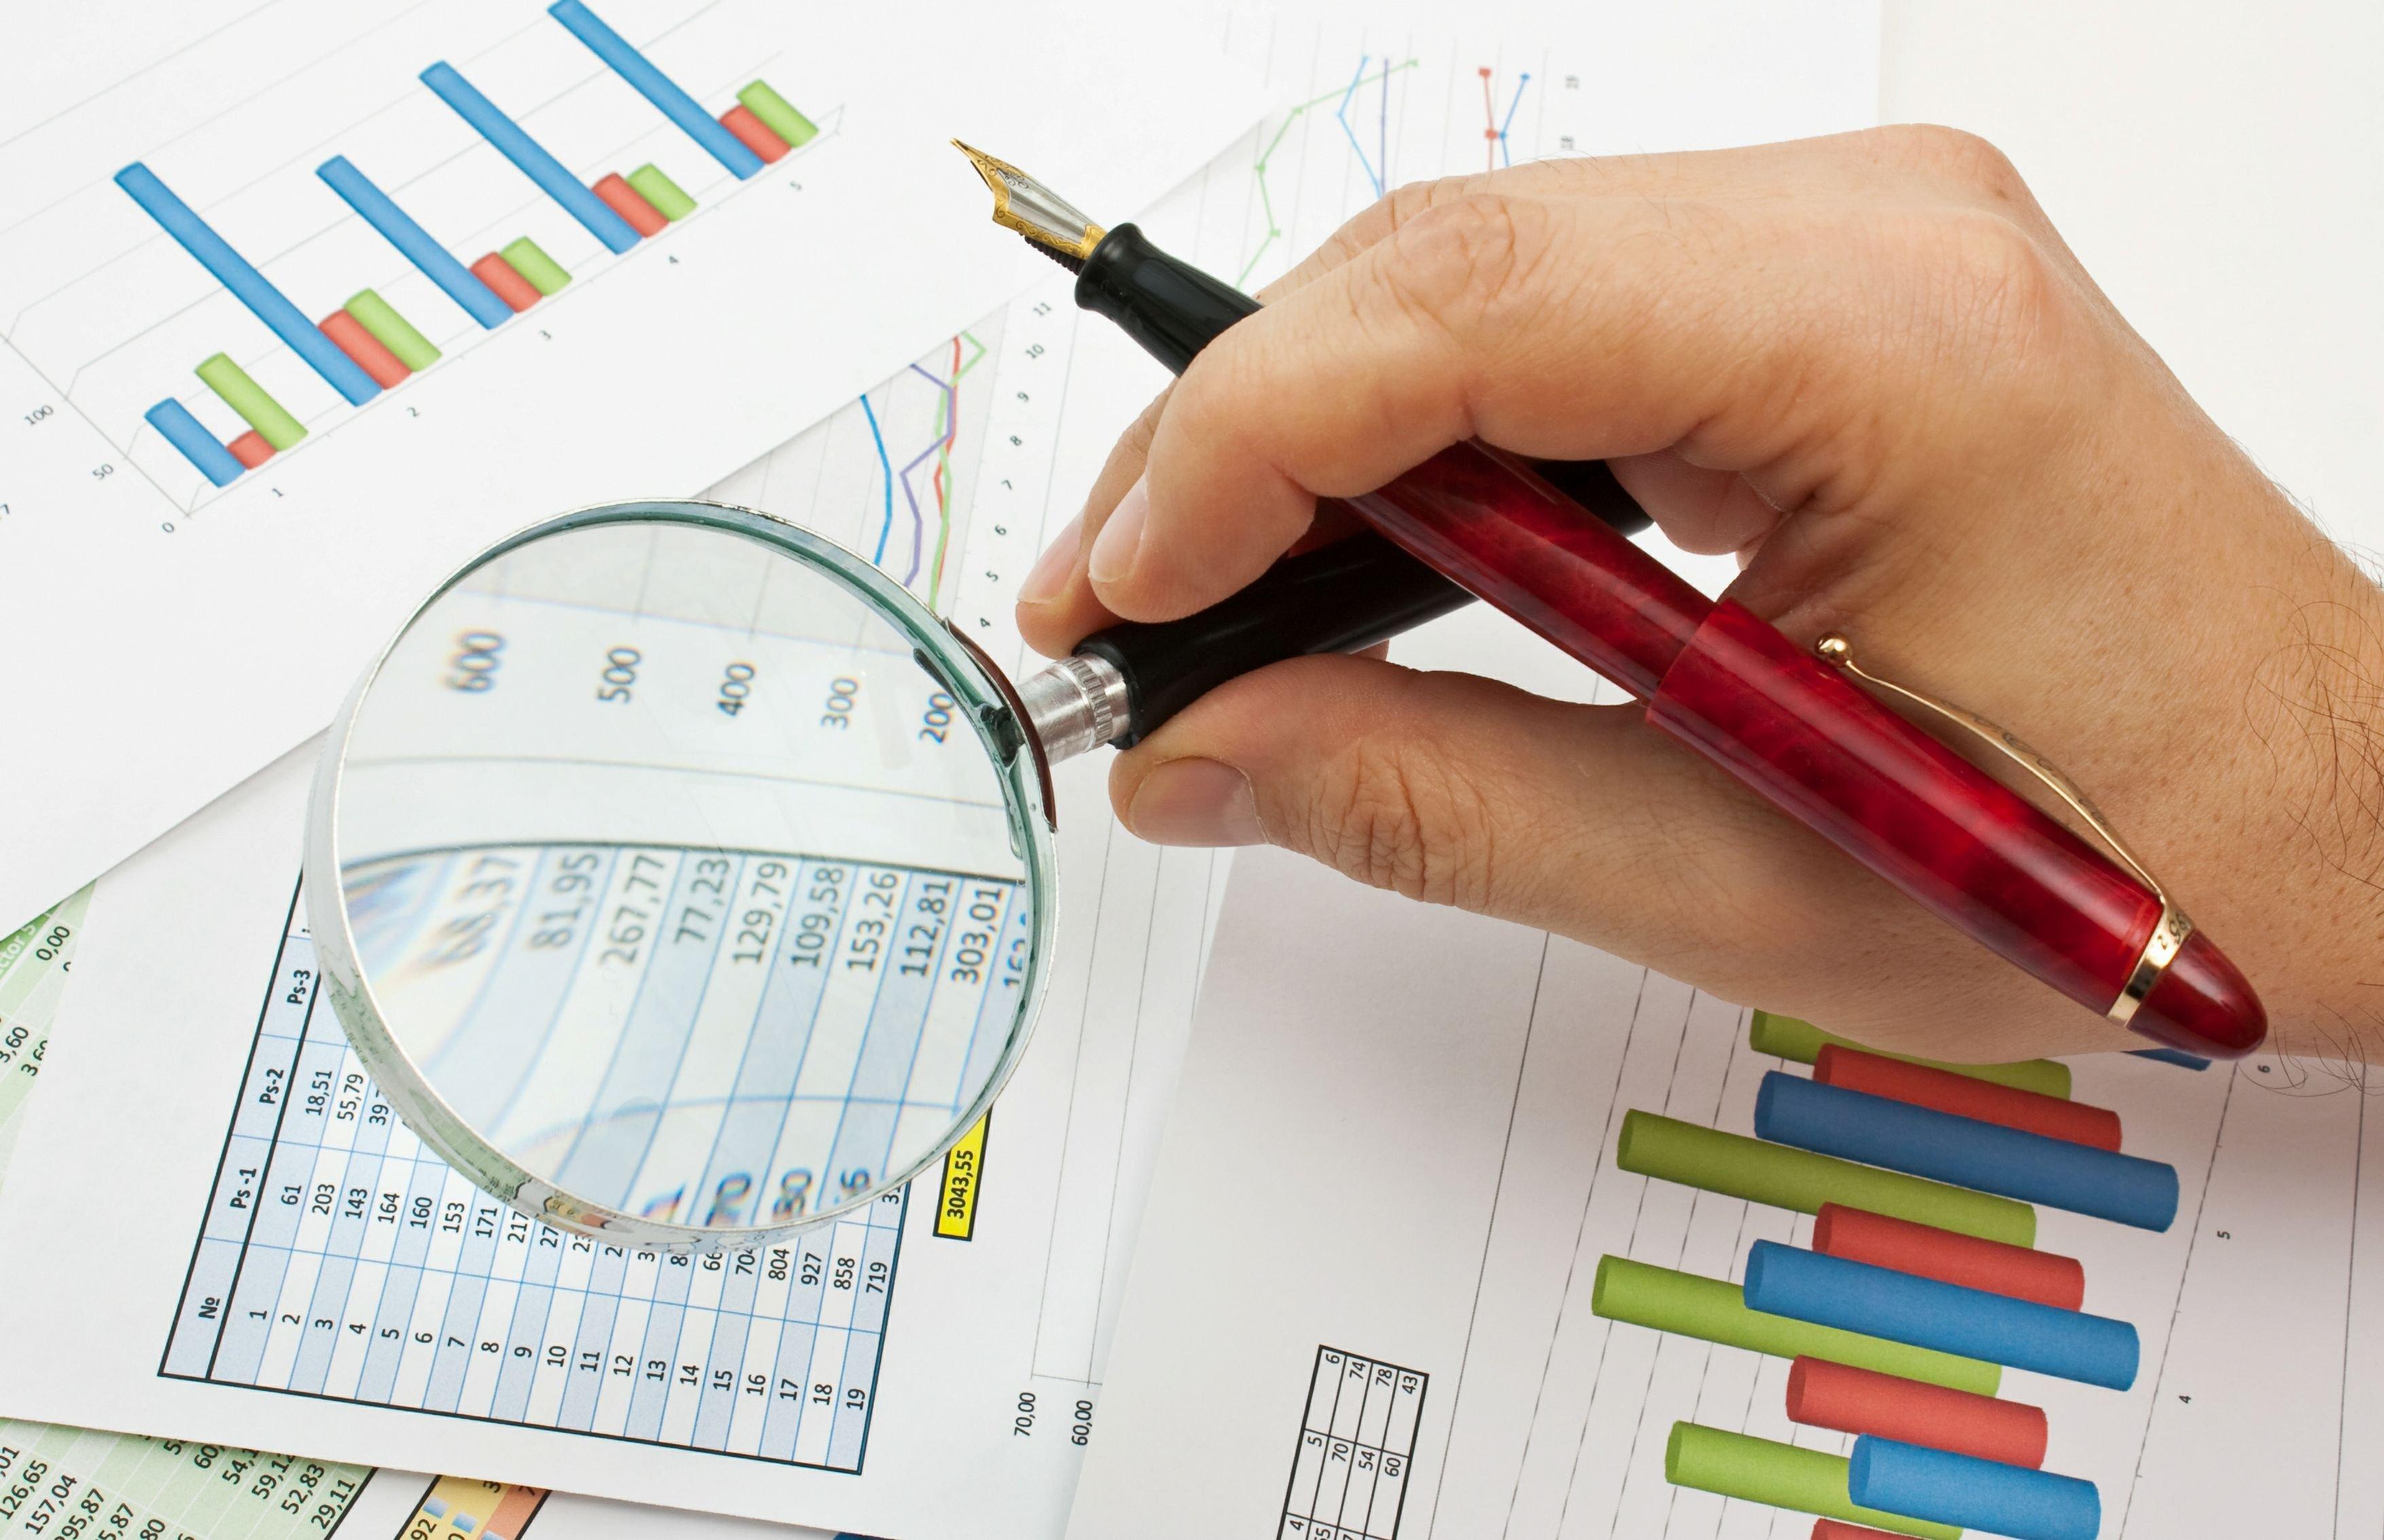 格隆汇港股聚焦(9.22)︱中通快递在港上市发行价厘定为218港元;建设银行拟发行不超1600亿元二级资本工具